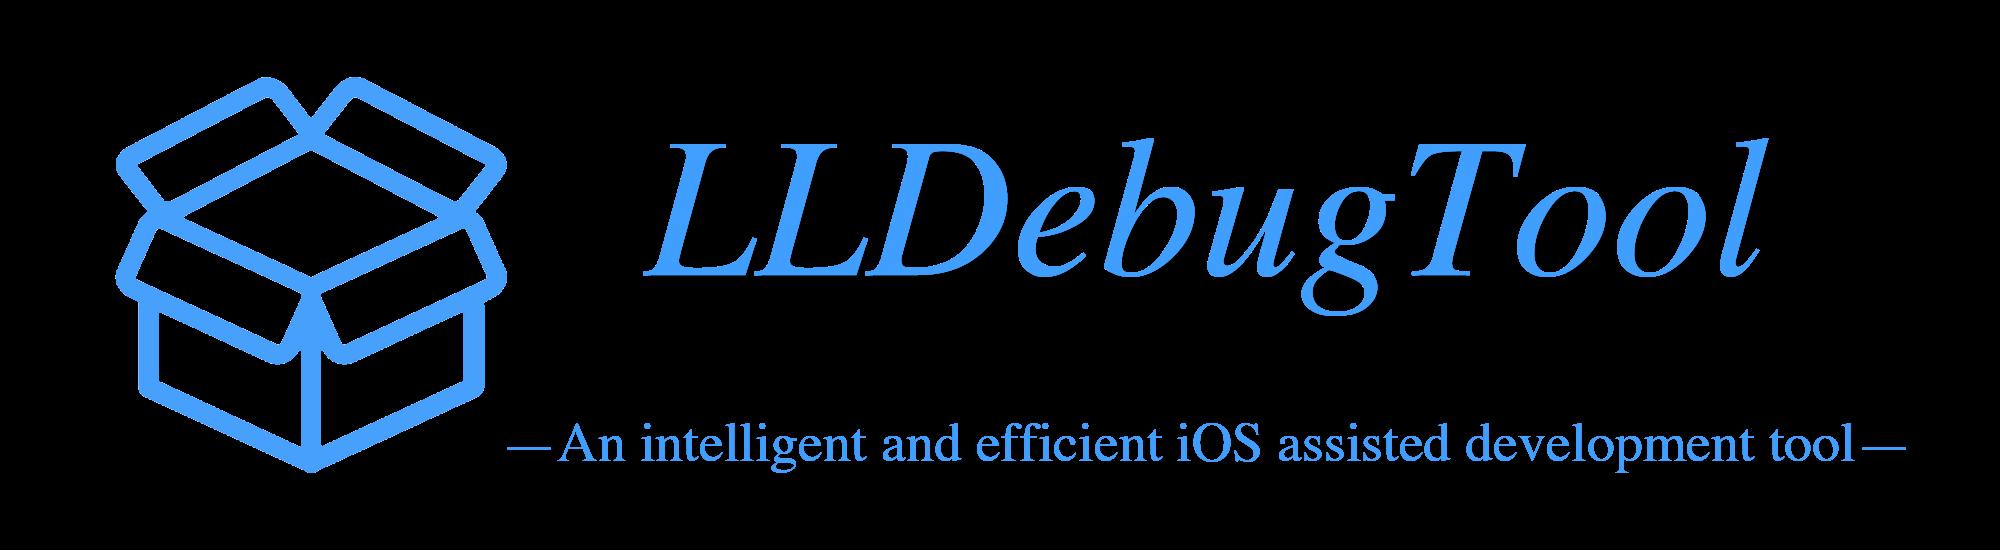 LLDebugTool